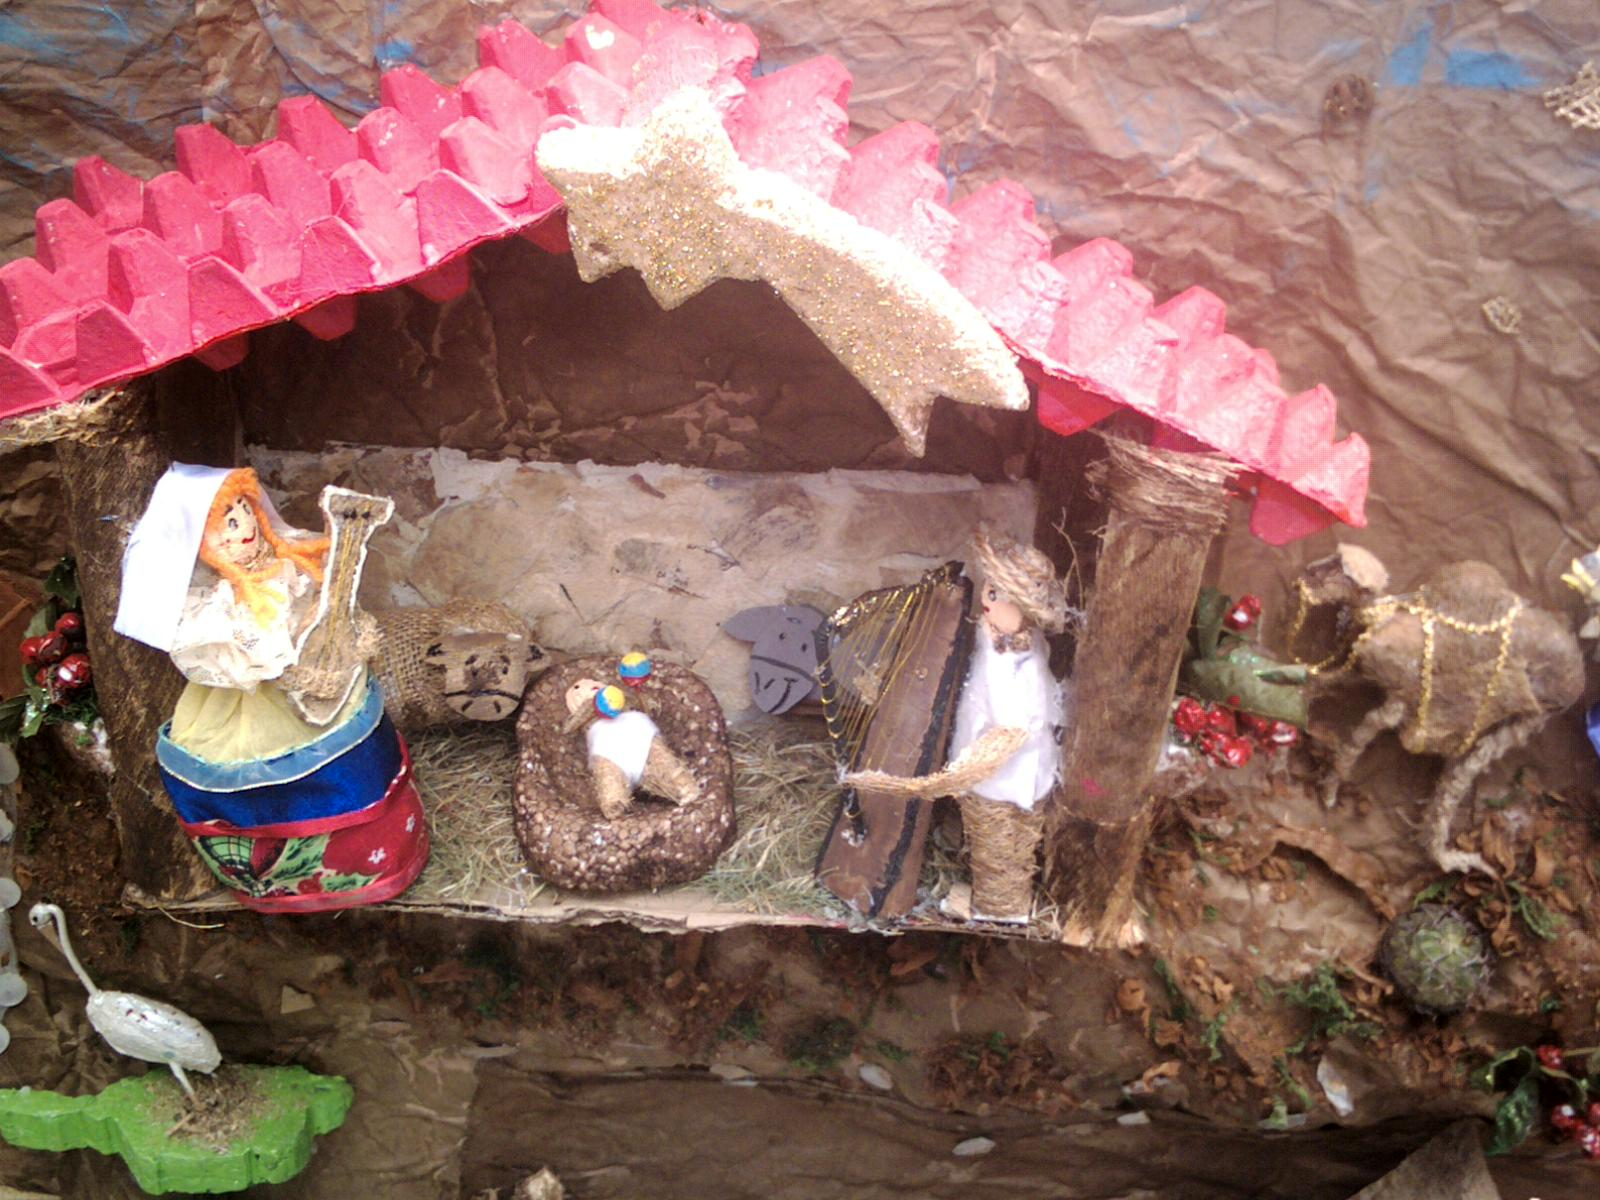 Cajitas de sue os otras carteleras navide as de las for Puertas decoradas navidad material reciclable